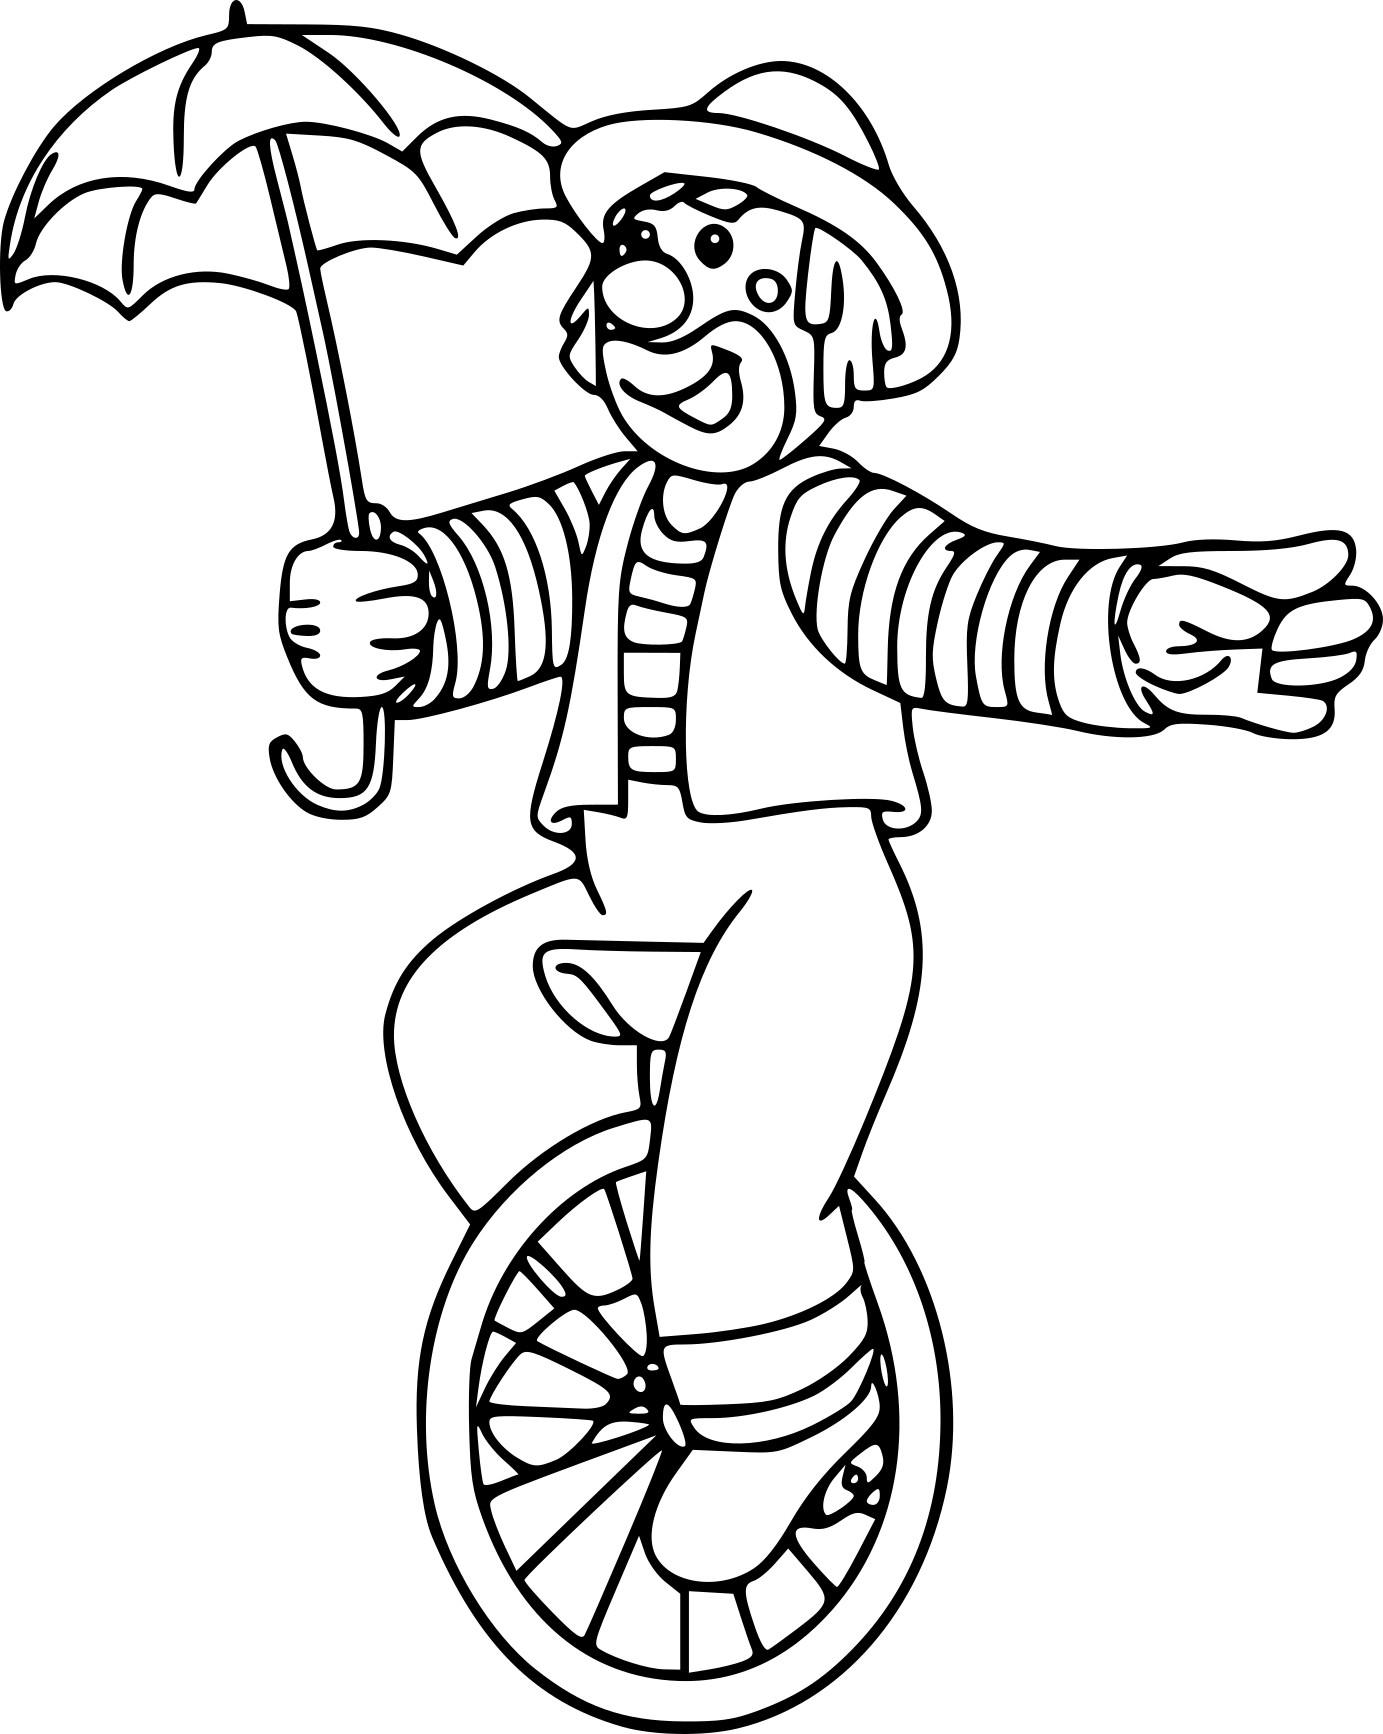 Coloriage Clown De Cirque À Imprimer Sur Coloriages avec Coloriage Clown A Imprimer